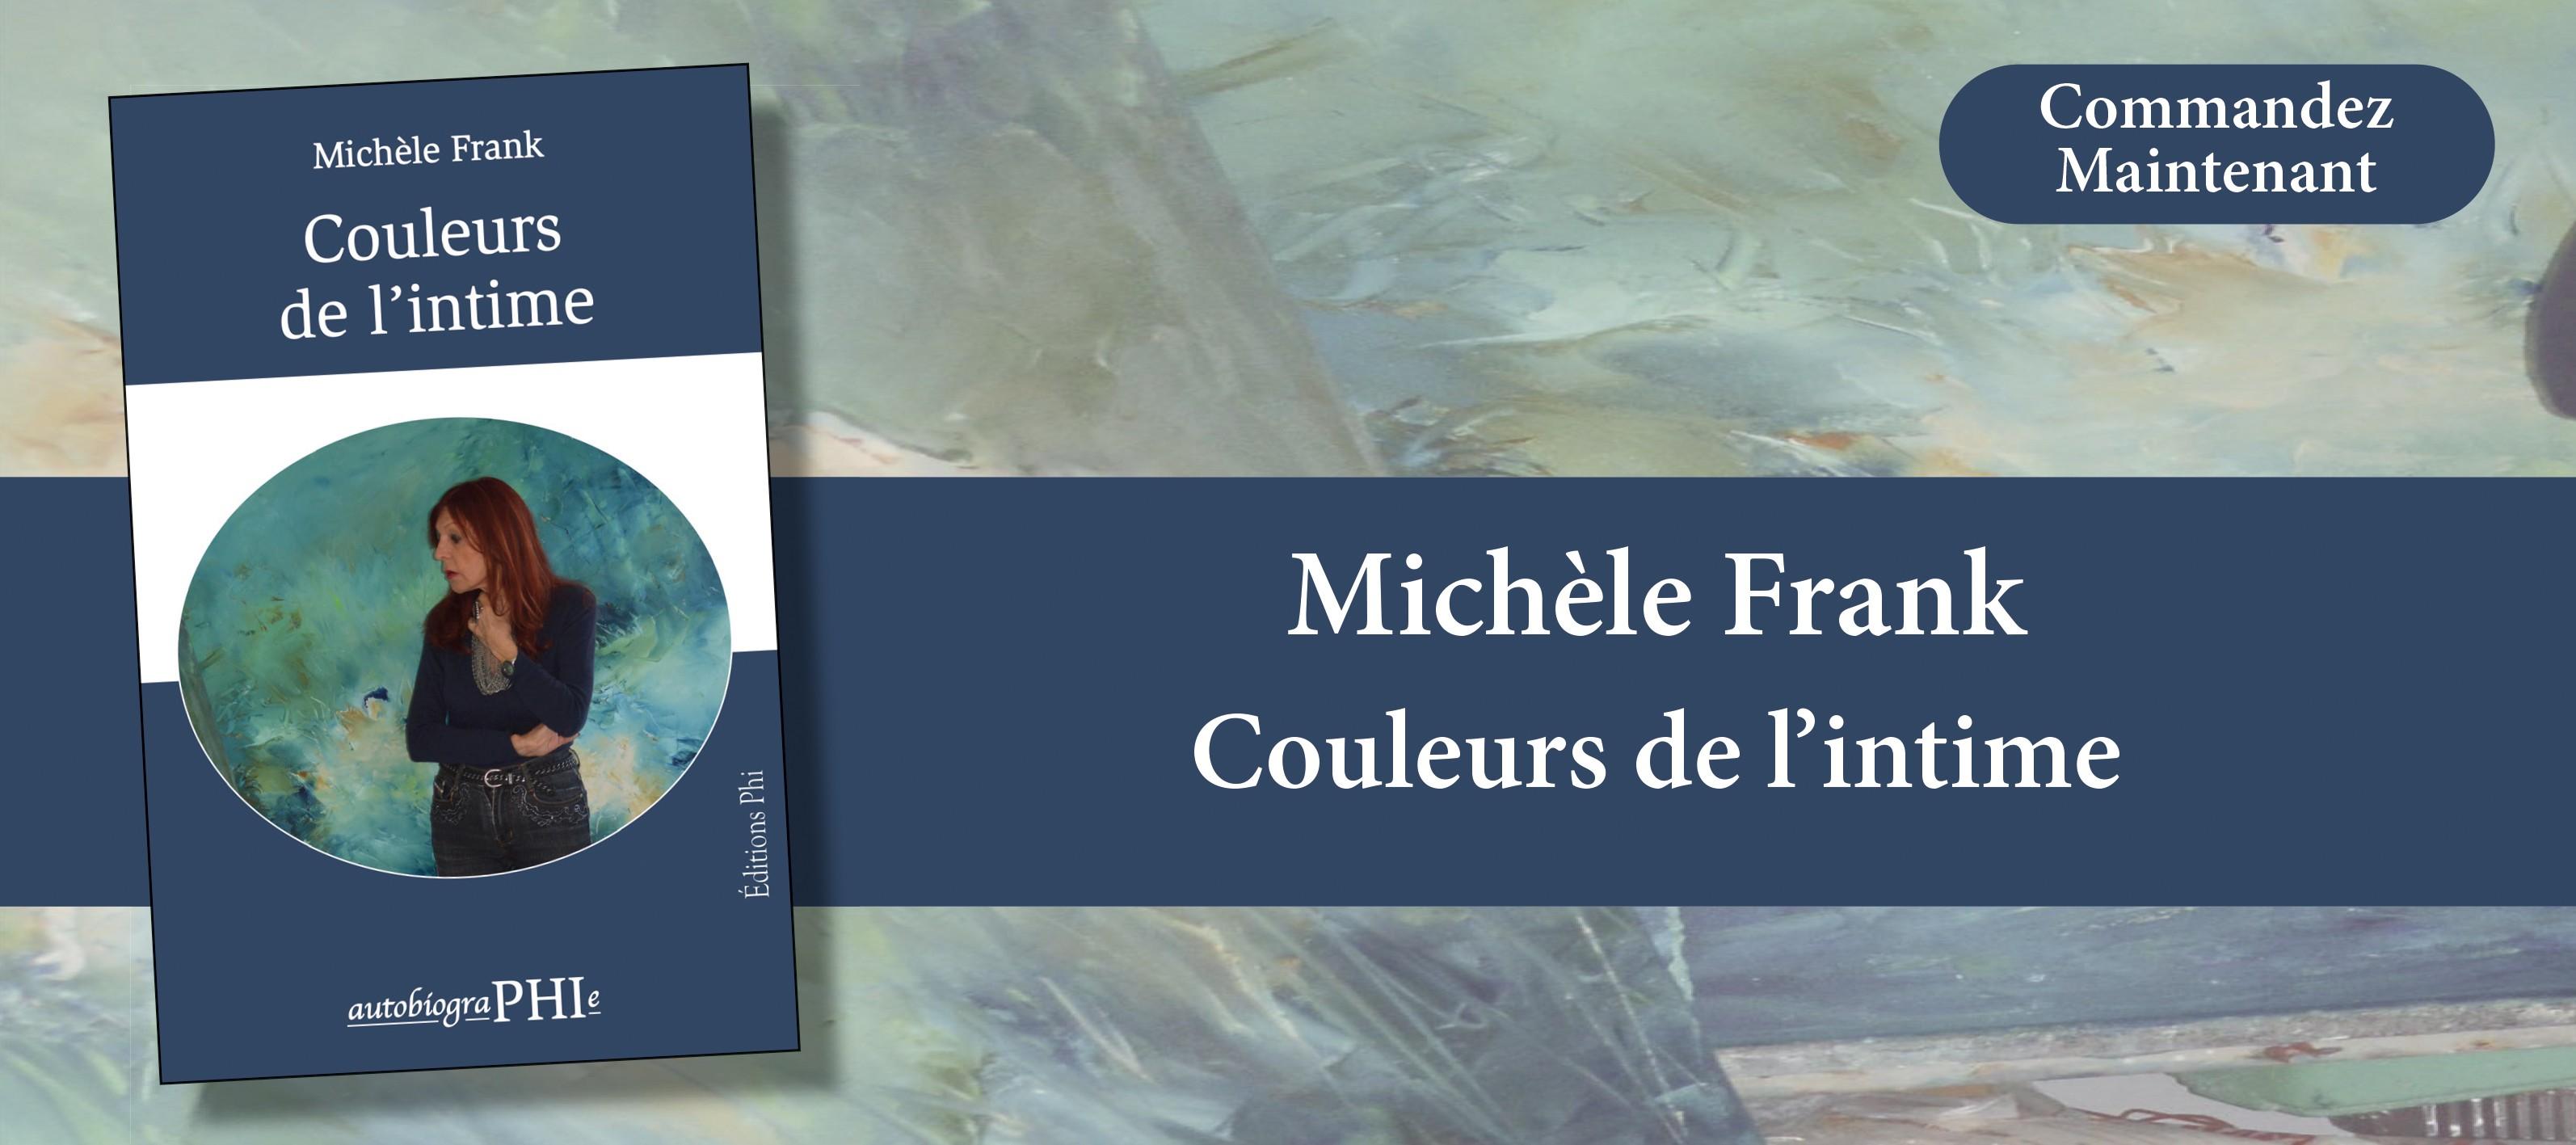 http://www.editionsphi.lu/fr/nouveautes/495-michele-frank-couleurs-de-l-intime.html